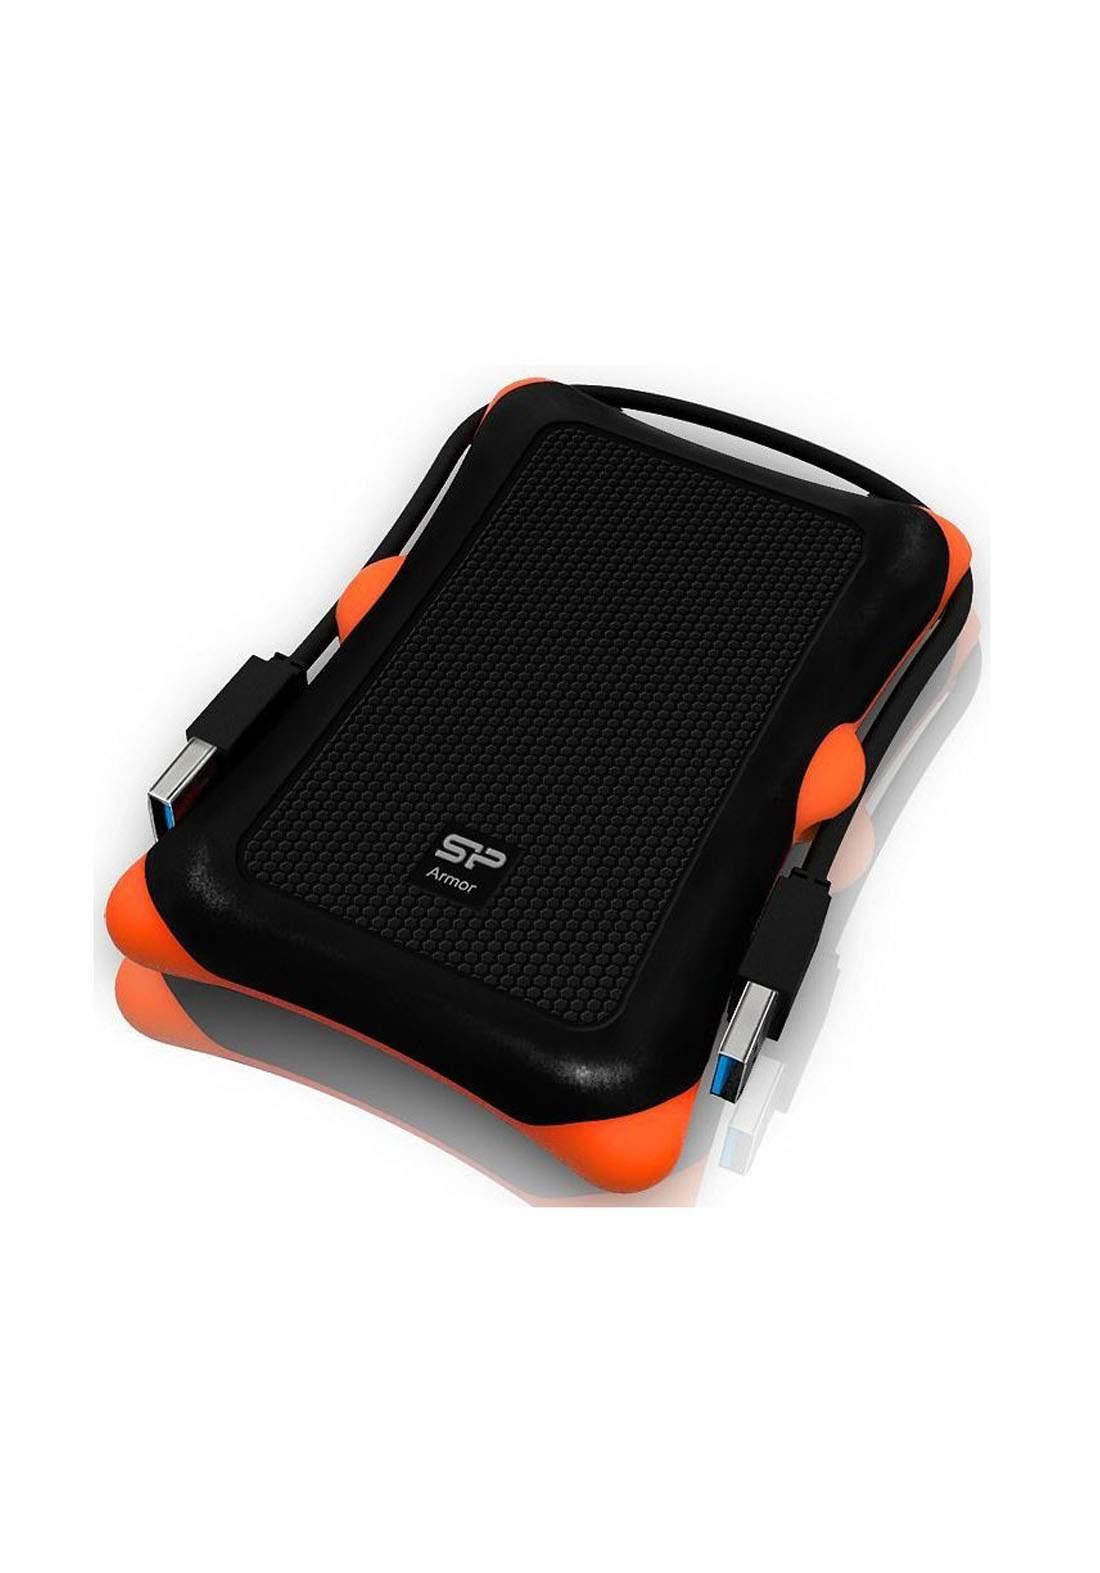 Silicon Power A30 Portable External Hard Drive 2 TB - Black هارد خارجي